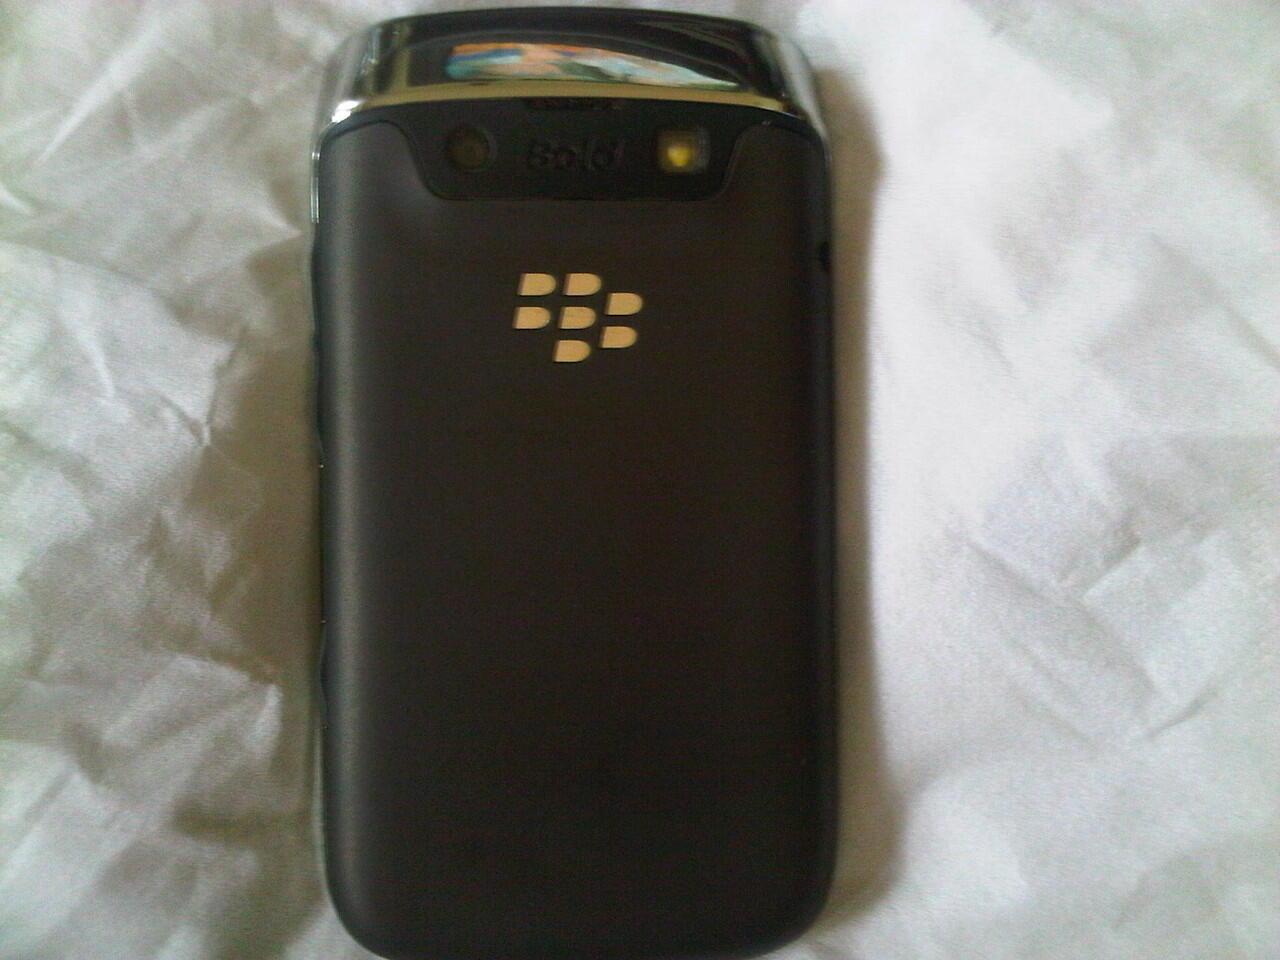 BLACKBERRY 9790 A.K.A ONYX 3